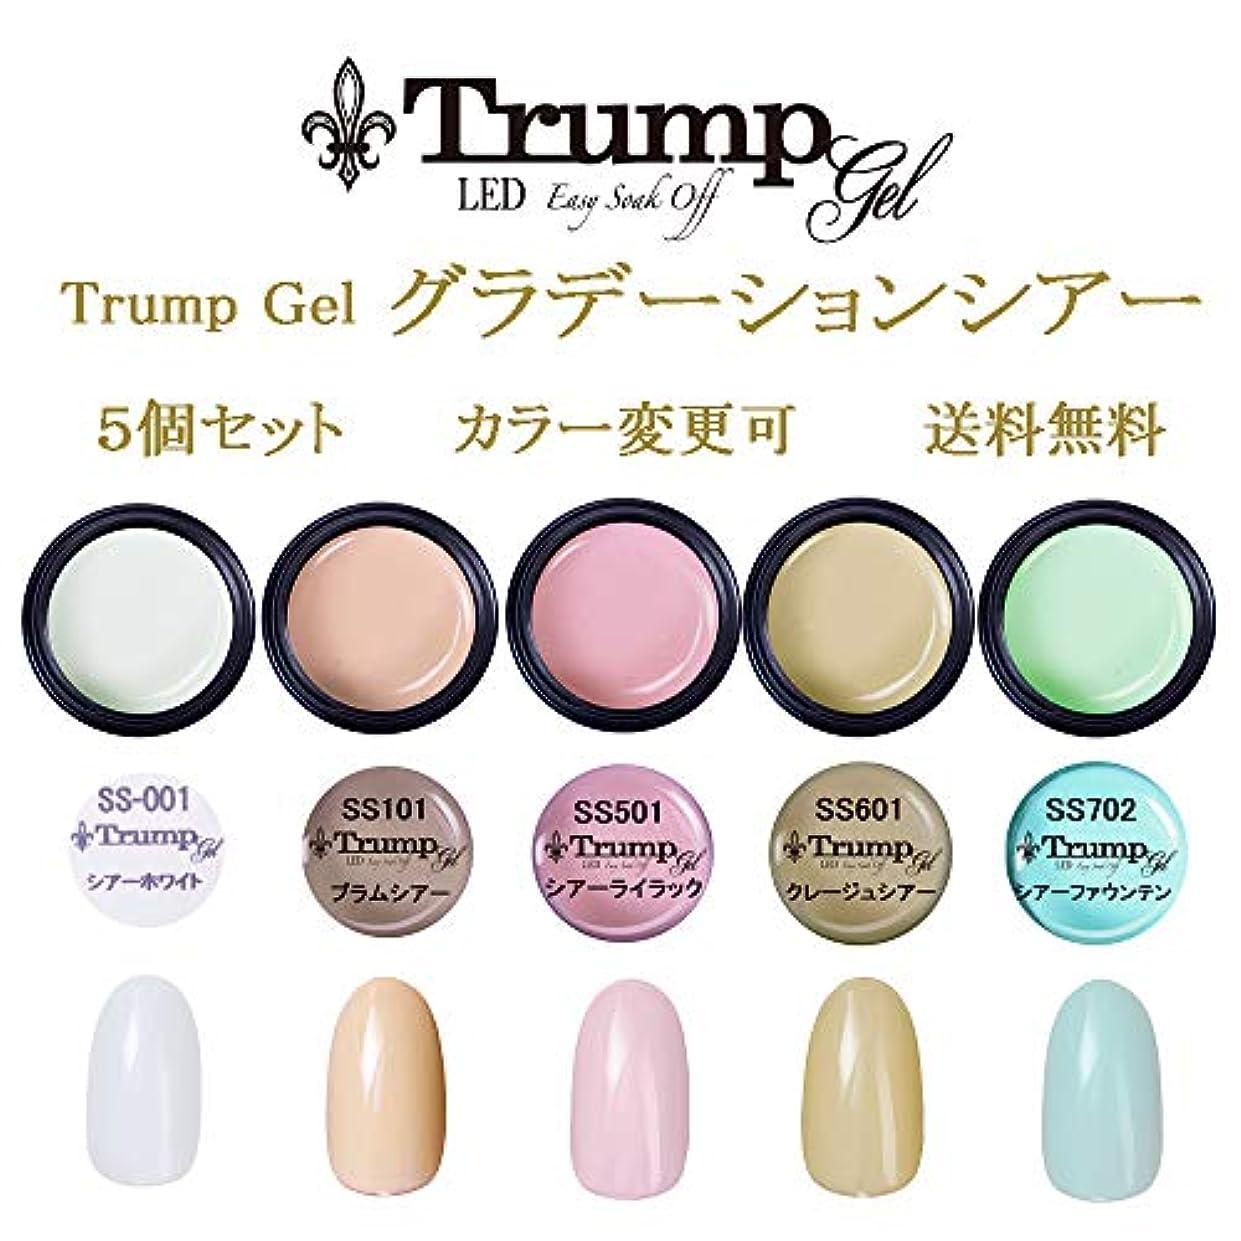 チャンピオン塊人気日本製 Trump gel トランプジェル グラデーション シアーカラー 選べる カラージェル 5個セット ホワイト ベージュ ピンク イエロー ブルー